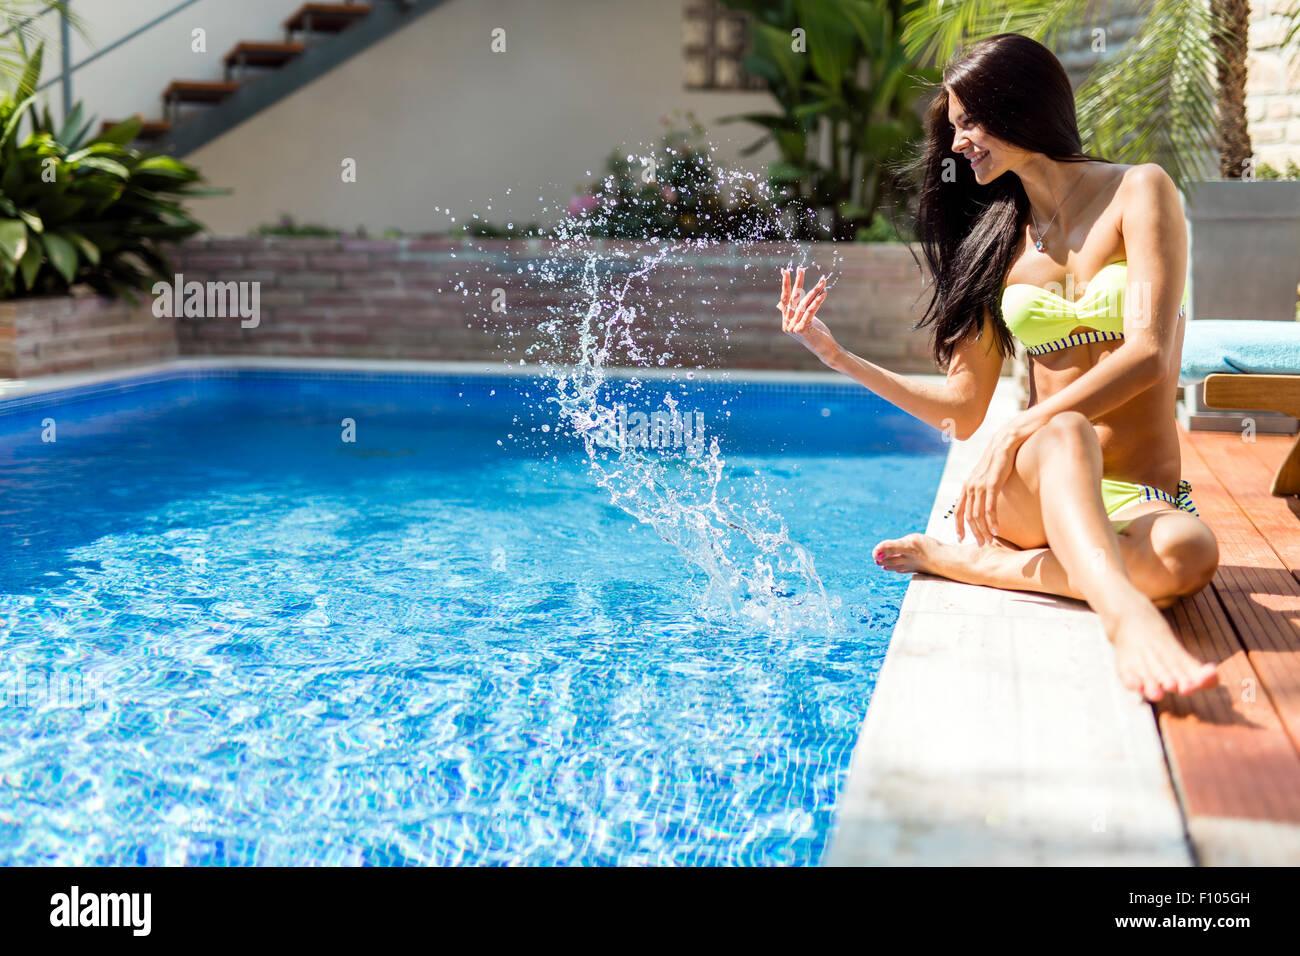 Junge schöne Frau an der Seite der Pool mit Wasser Anzeige Sinnlichkeit spielen Stockbild